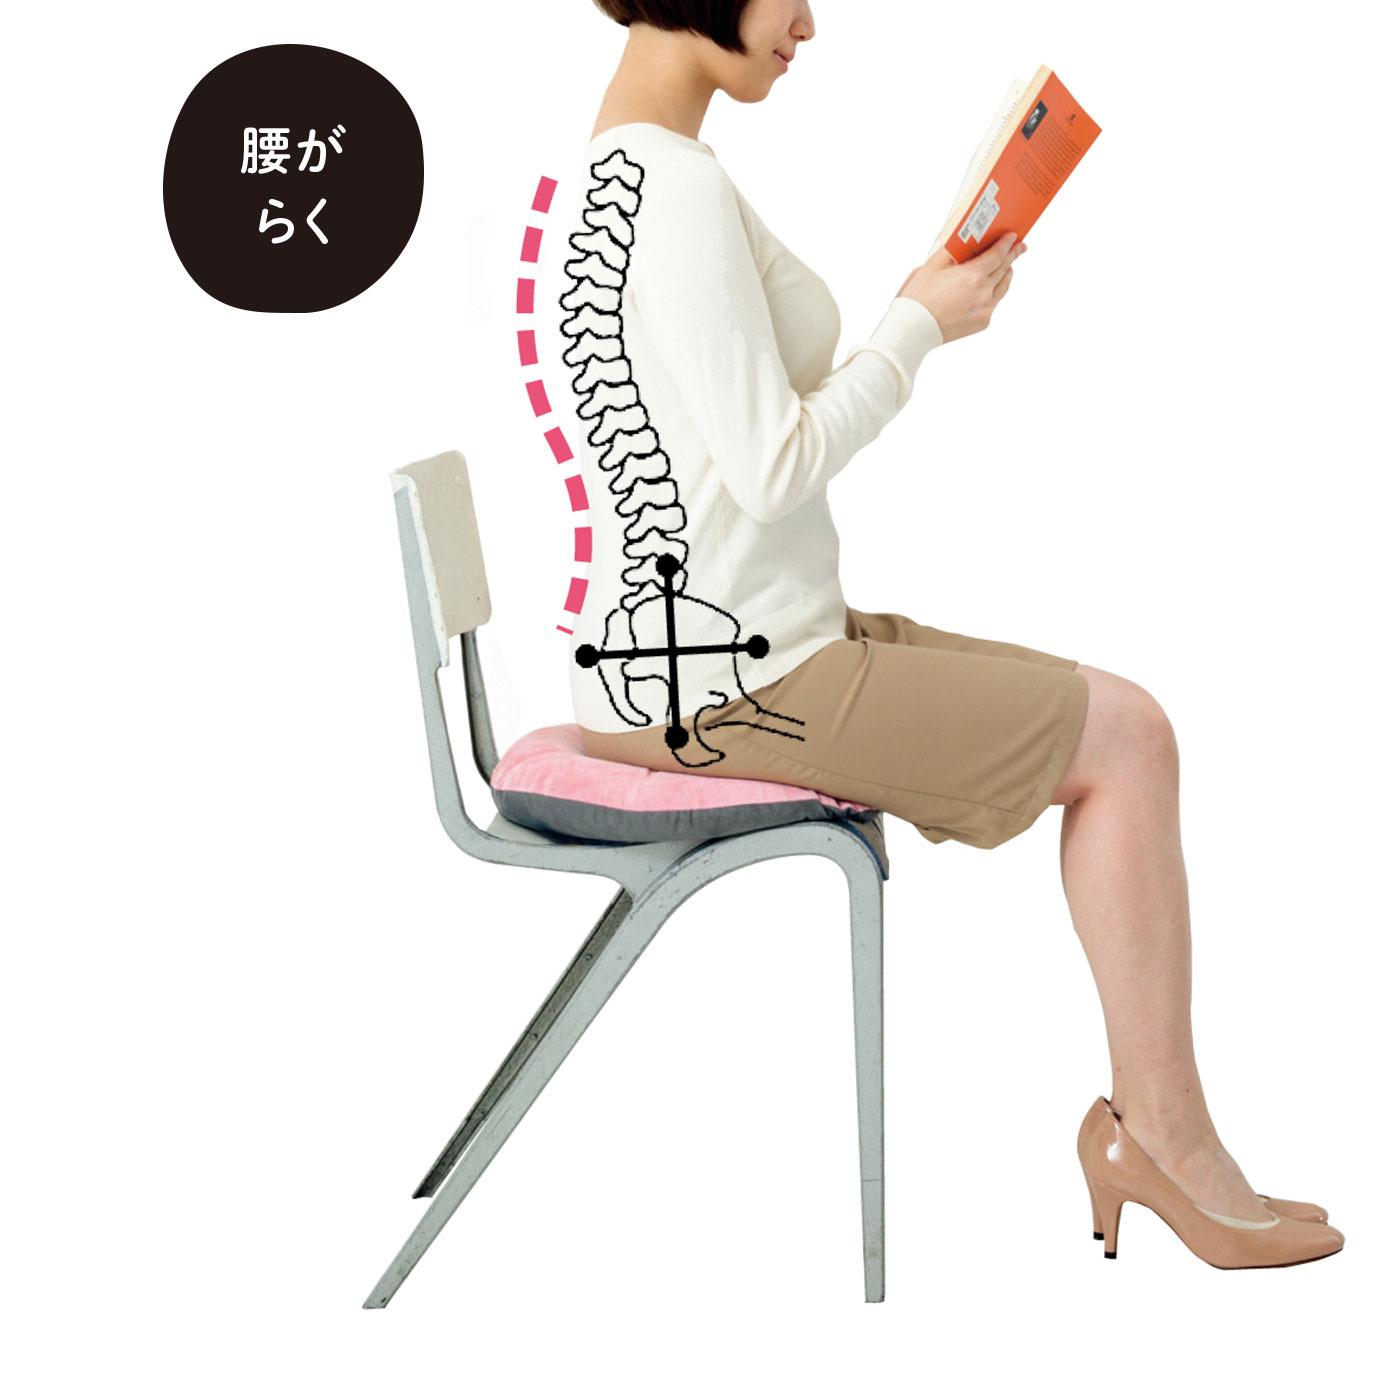 後ろに沈みがちな骨盤を立たせて、正しい姿勢をキープ。左右から太ももをしっかり支え、骨盤を安定させます。長時間座っていても腰がらくちん。